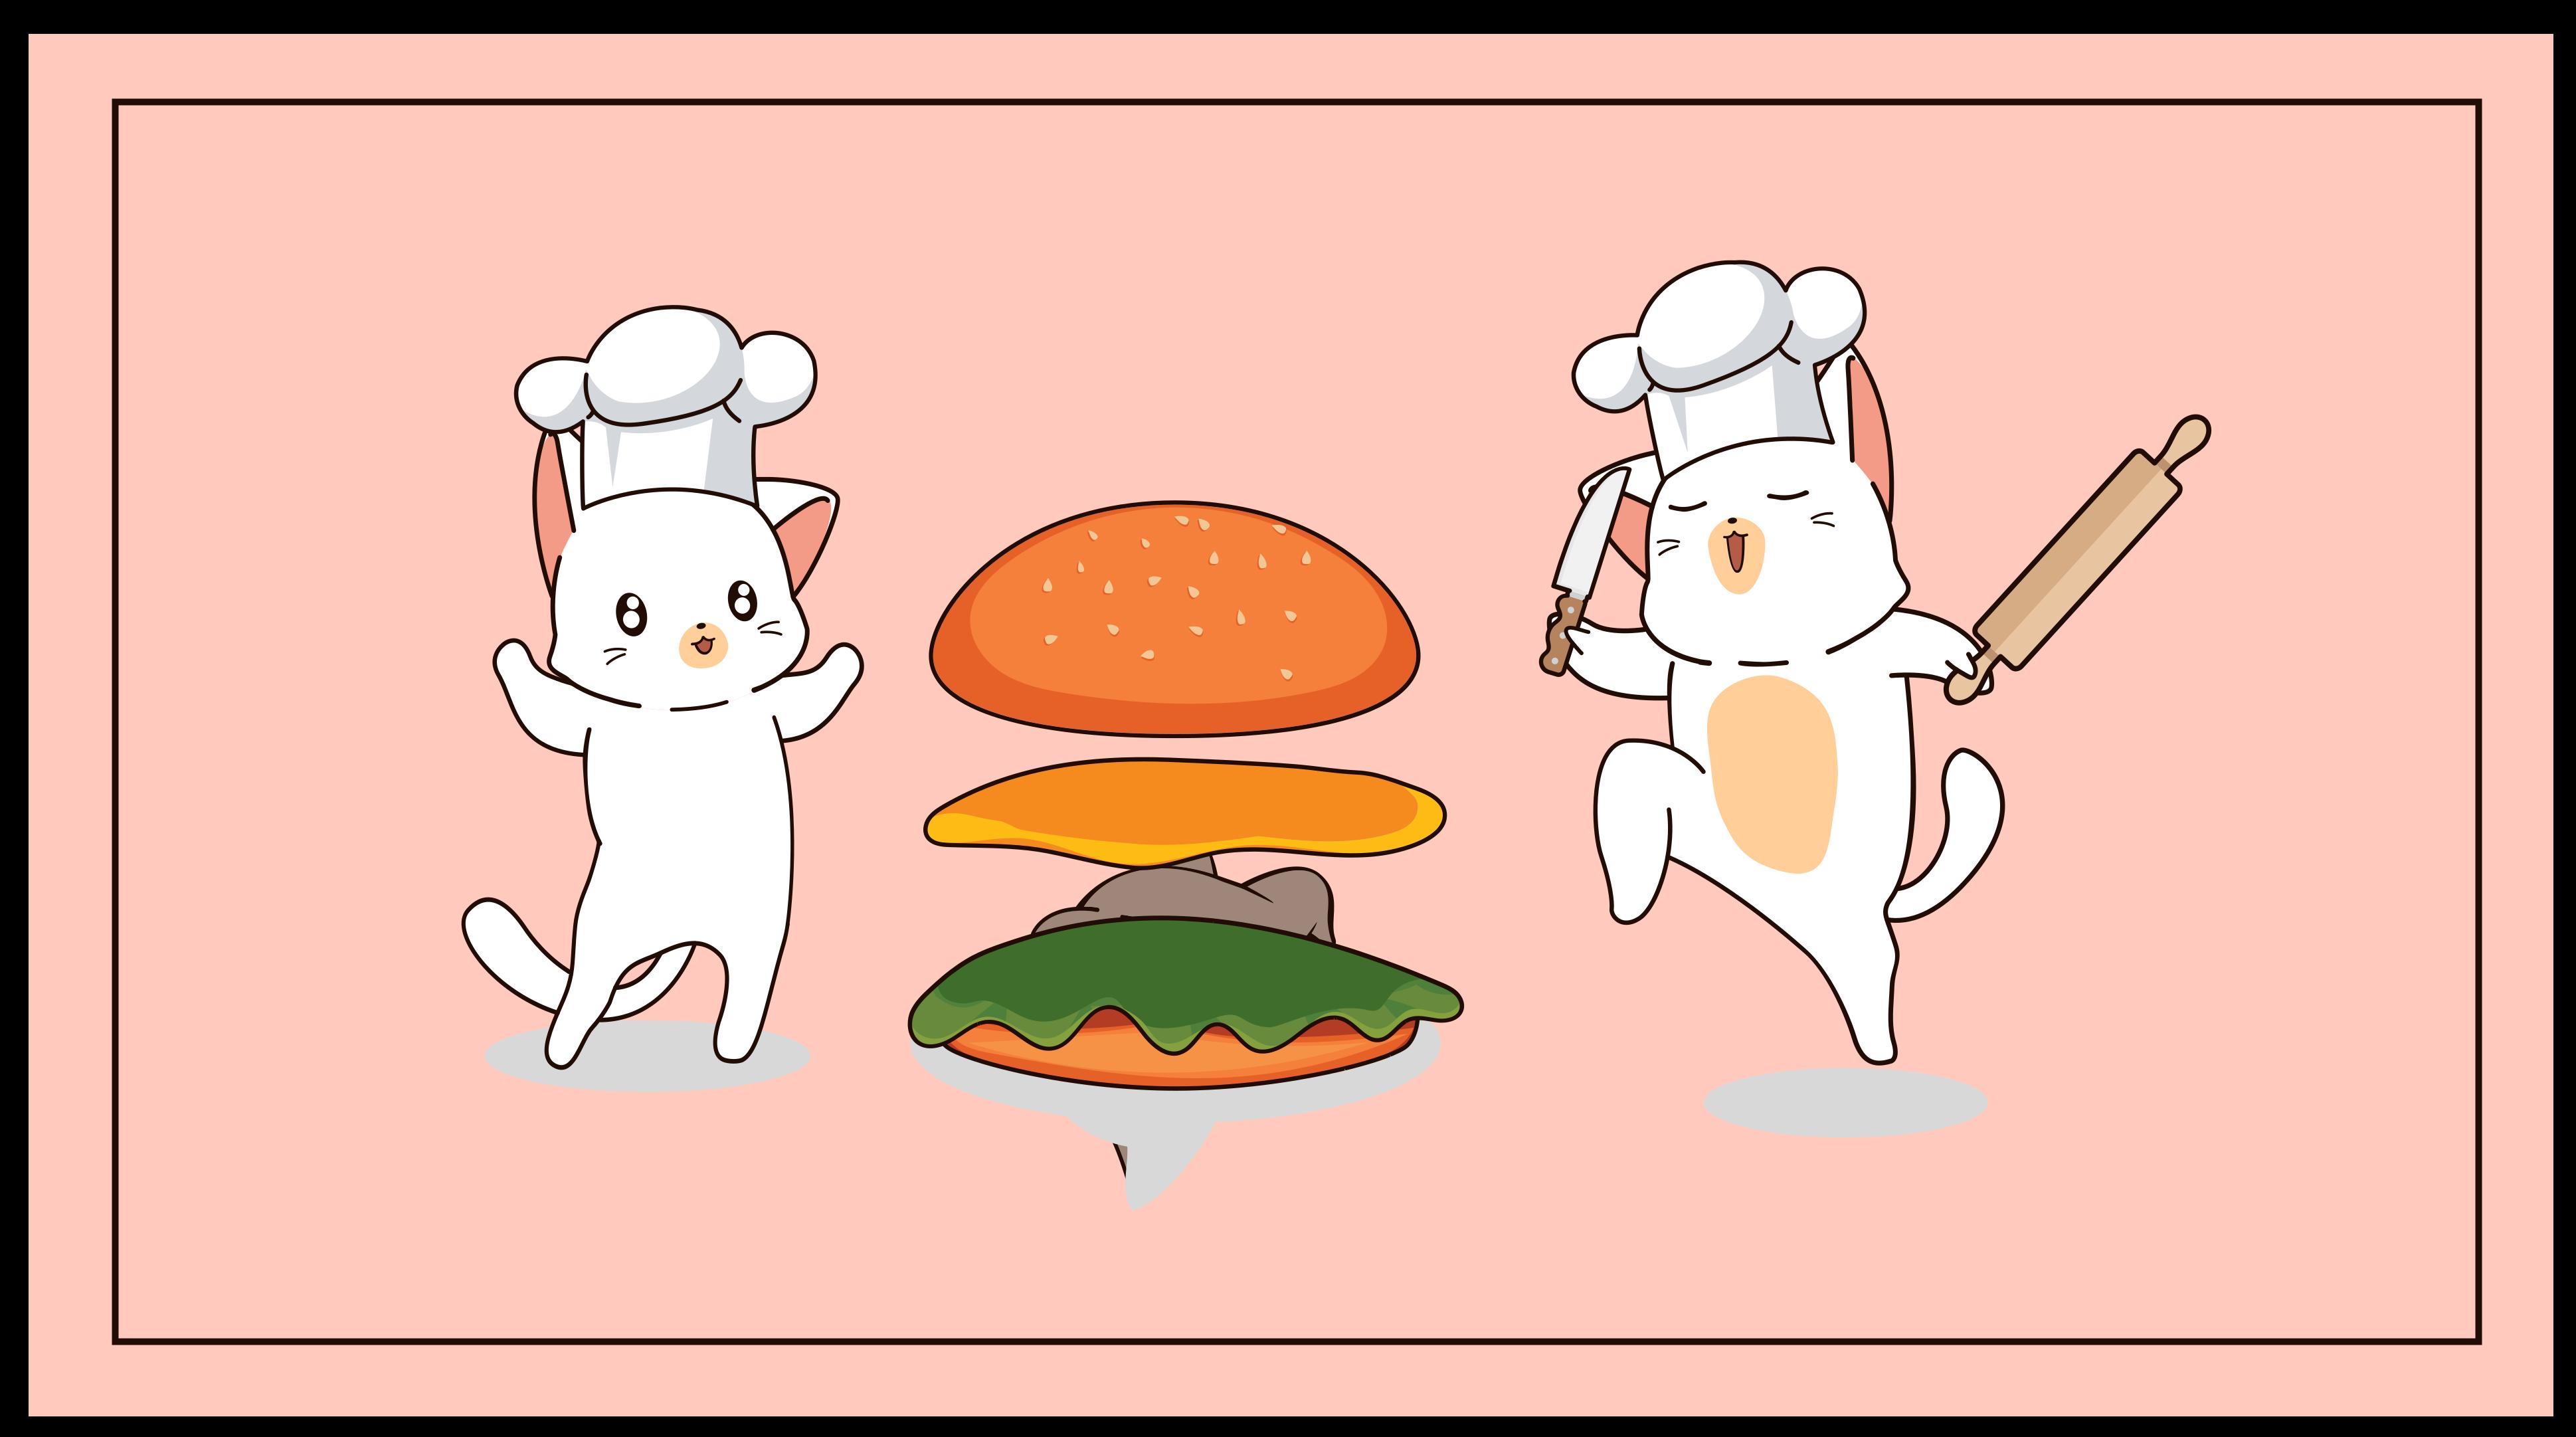 TenVinilo. Alfombra vinílica cocina rosa con gatos. Alfombra vinílica rosa con gatos perfecta para decorar tu cocina. 100% de satisfacción, fácil de limpiar y almacenar si es necesario.